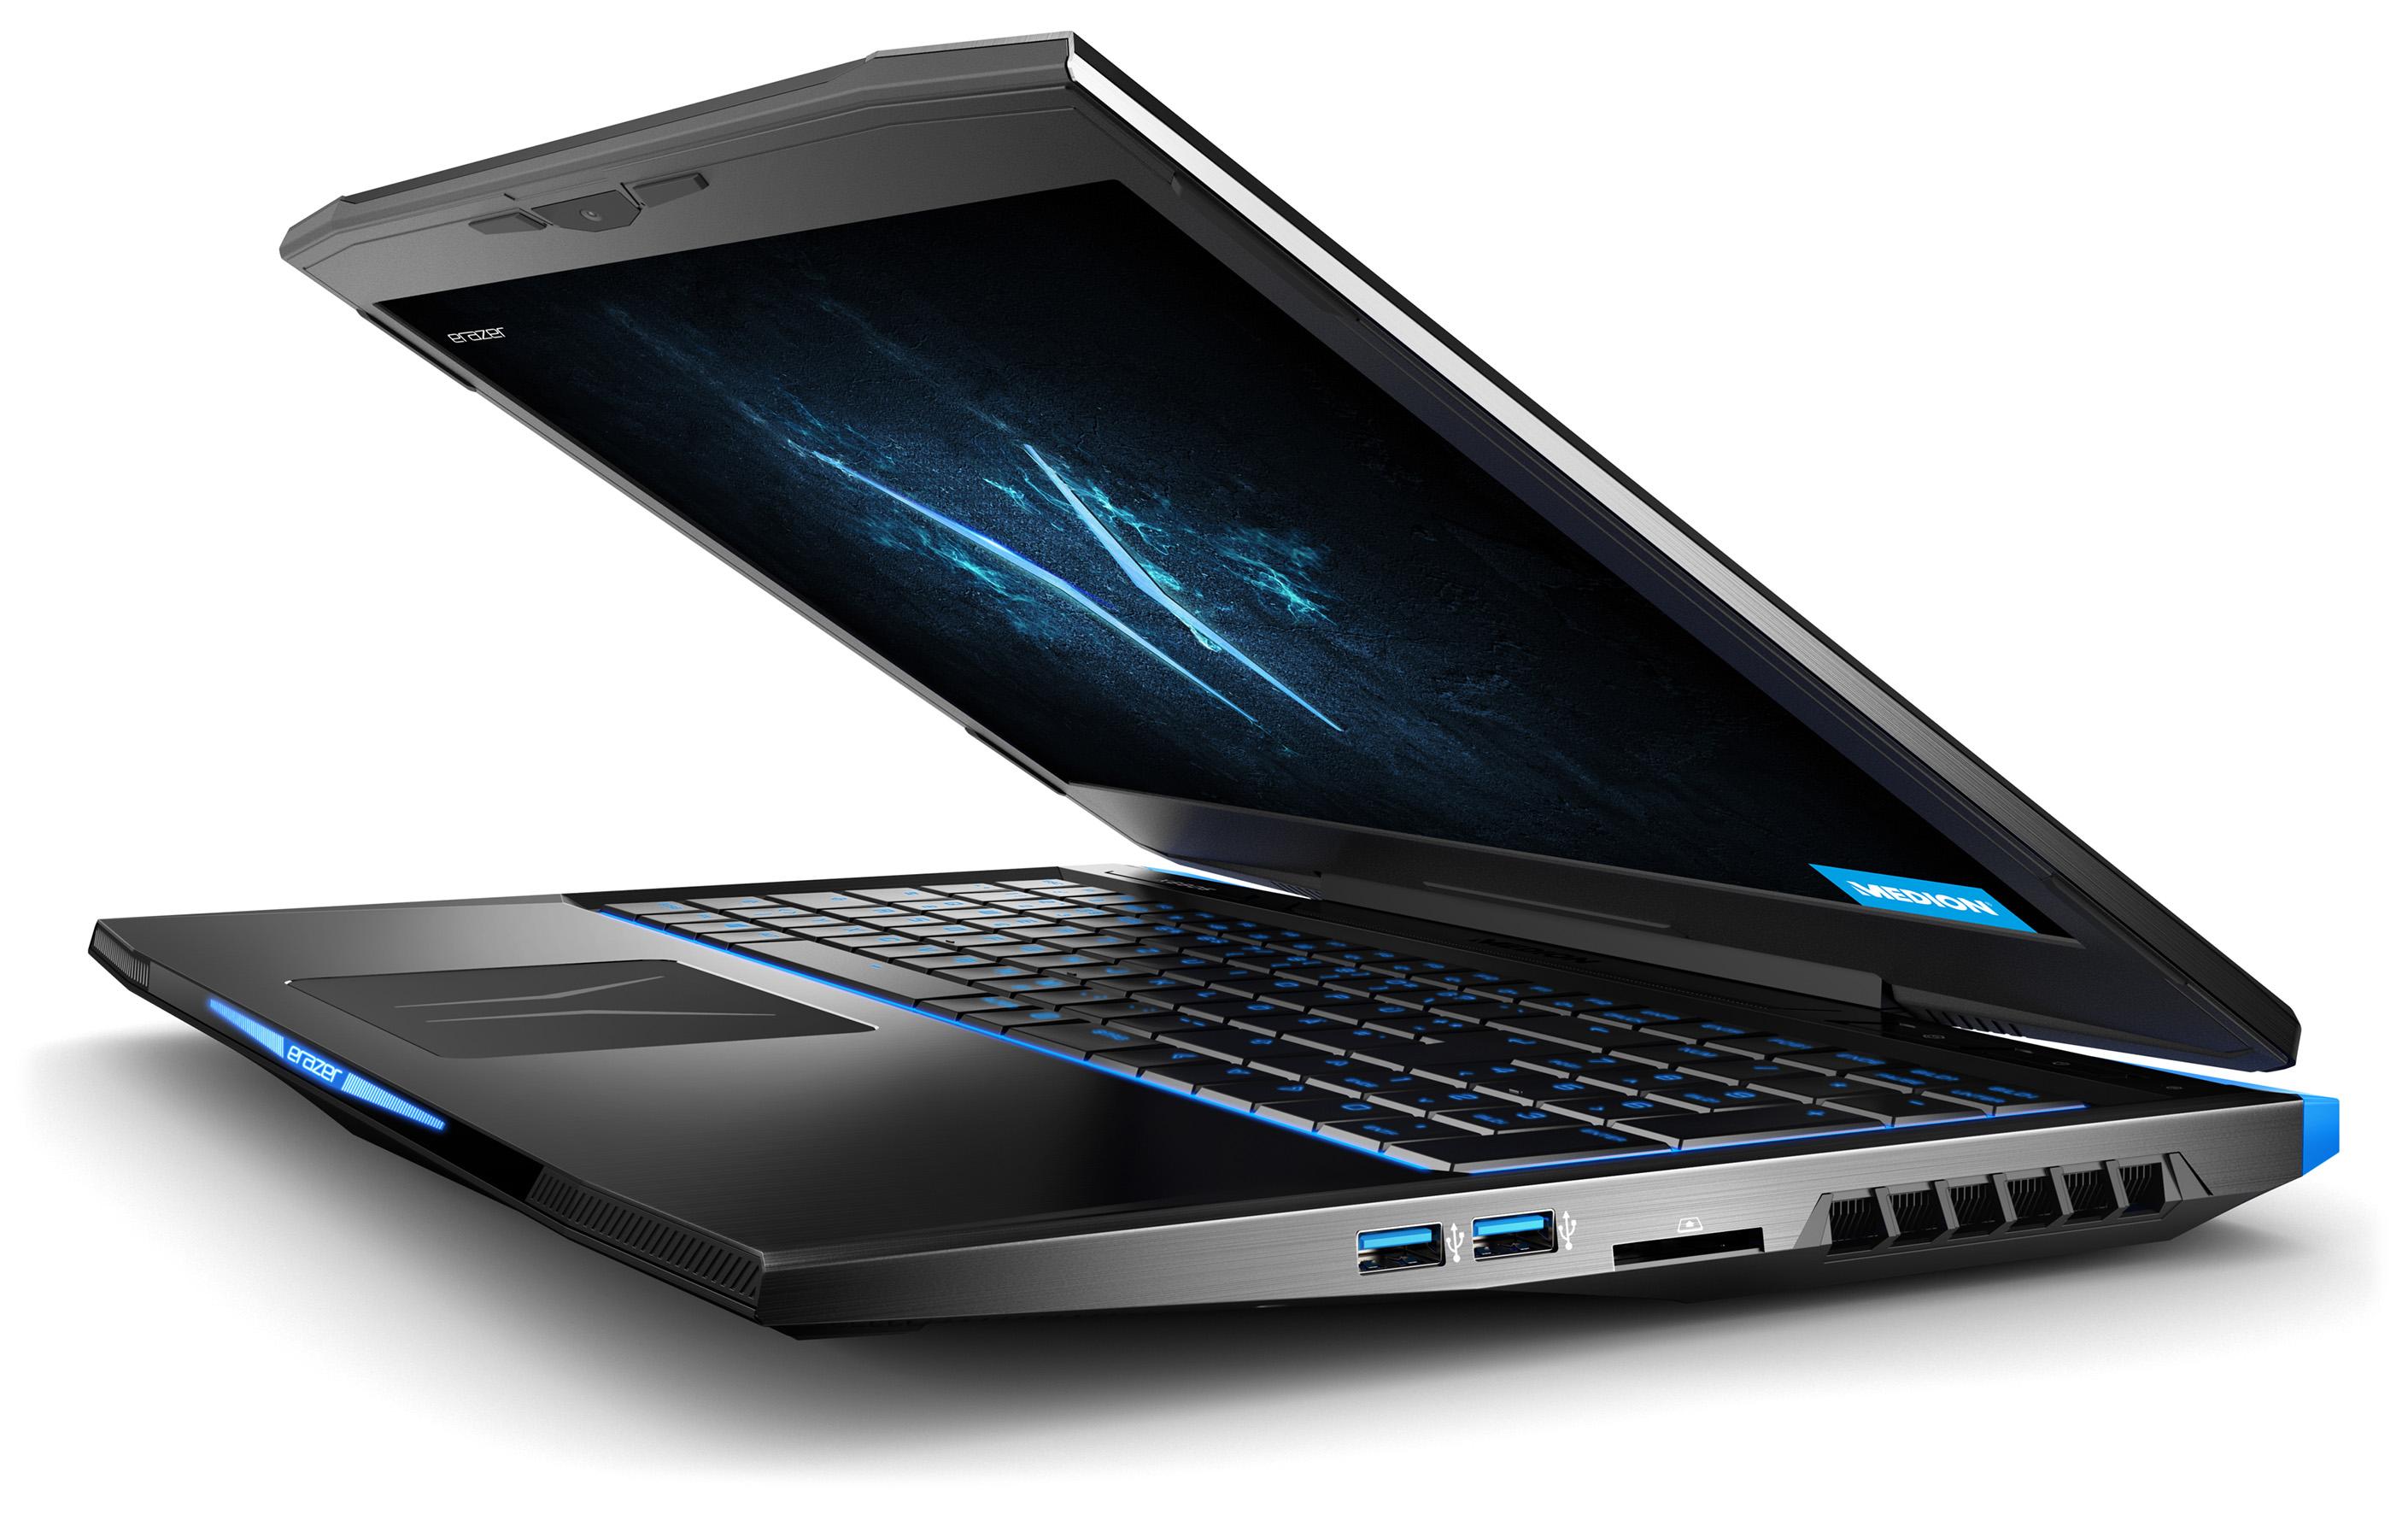 Erazer X6805: Aldi-Gaming-Laptop von Medion kommt mit 32 GByte RAM - Medion Erazer X6805 (Bild: Medion)